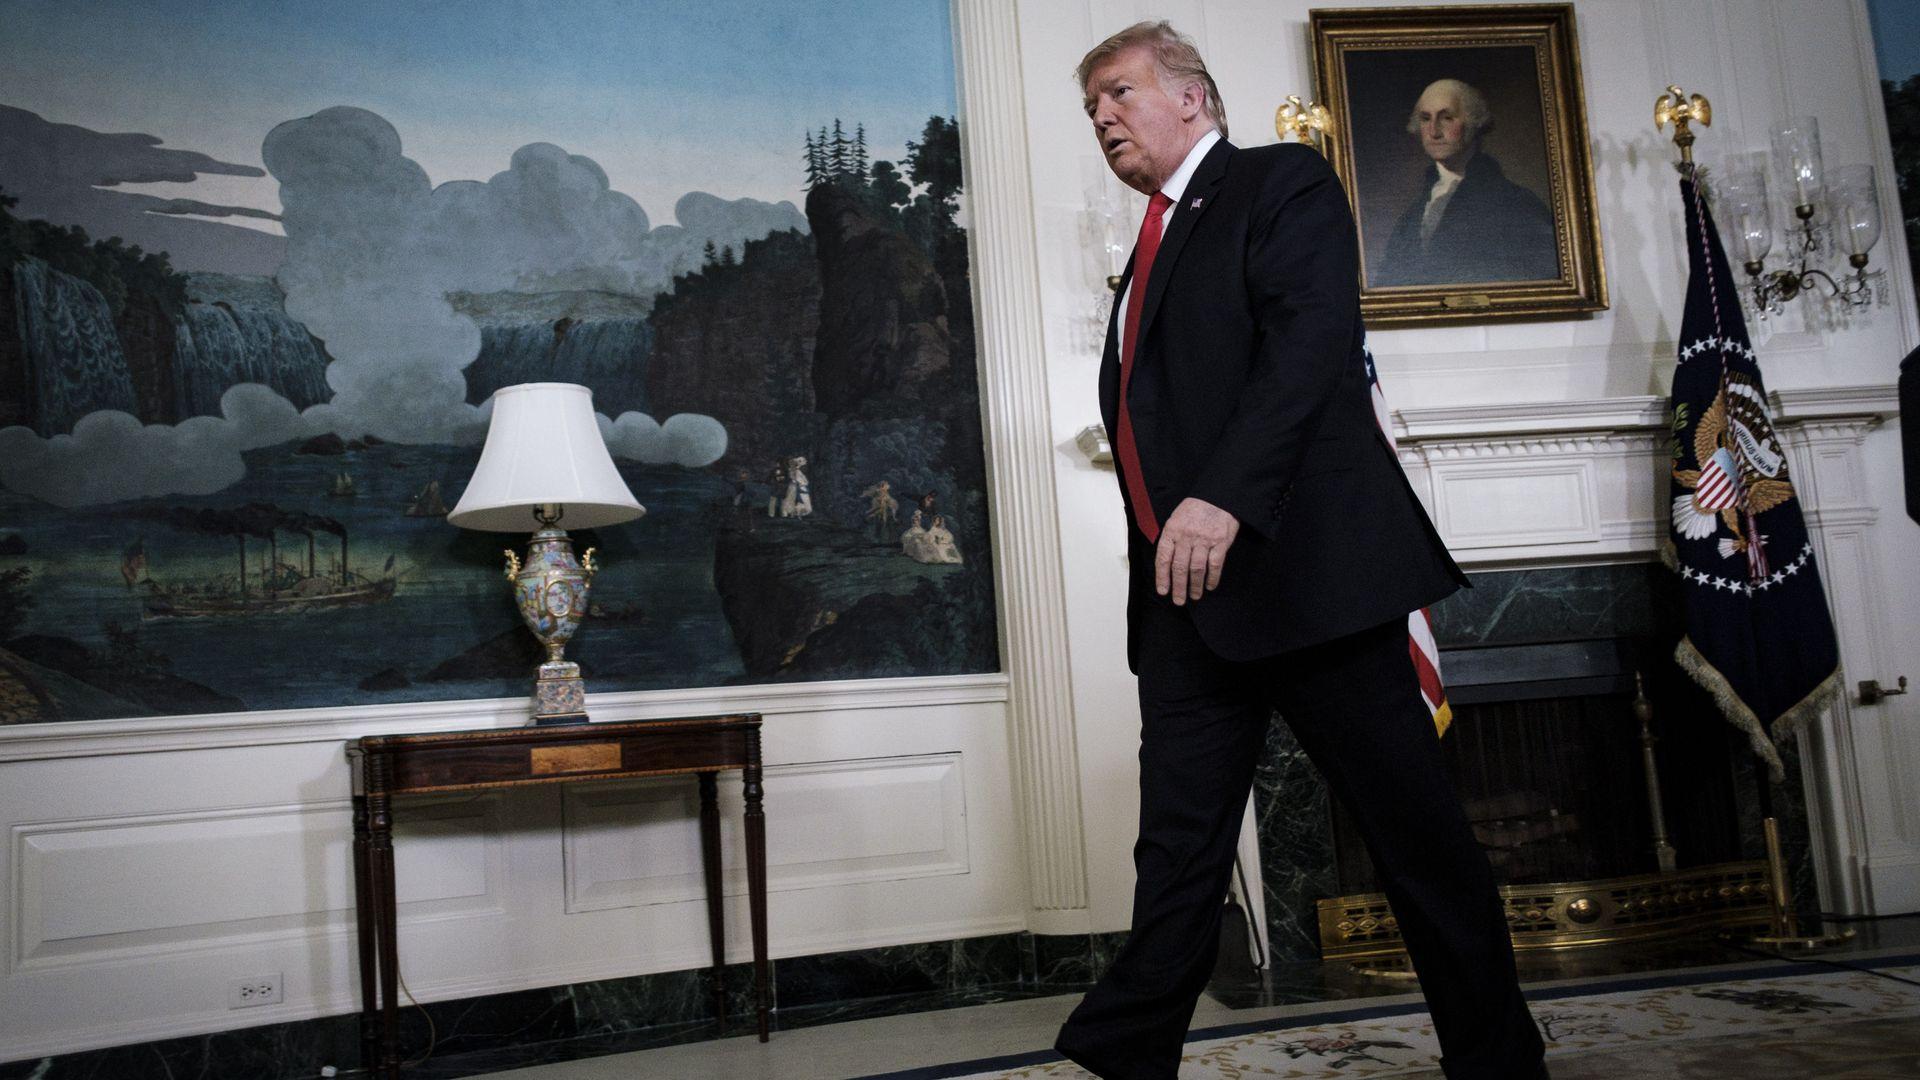 President Trump walking in Oval office